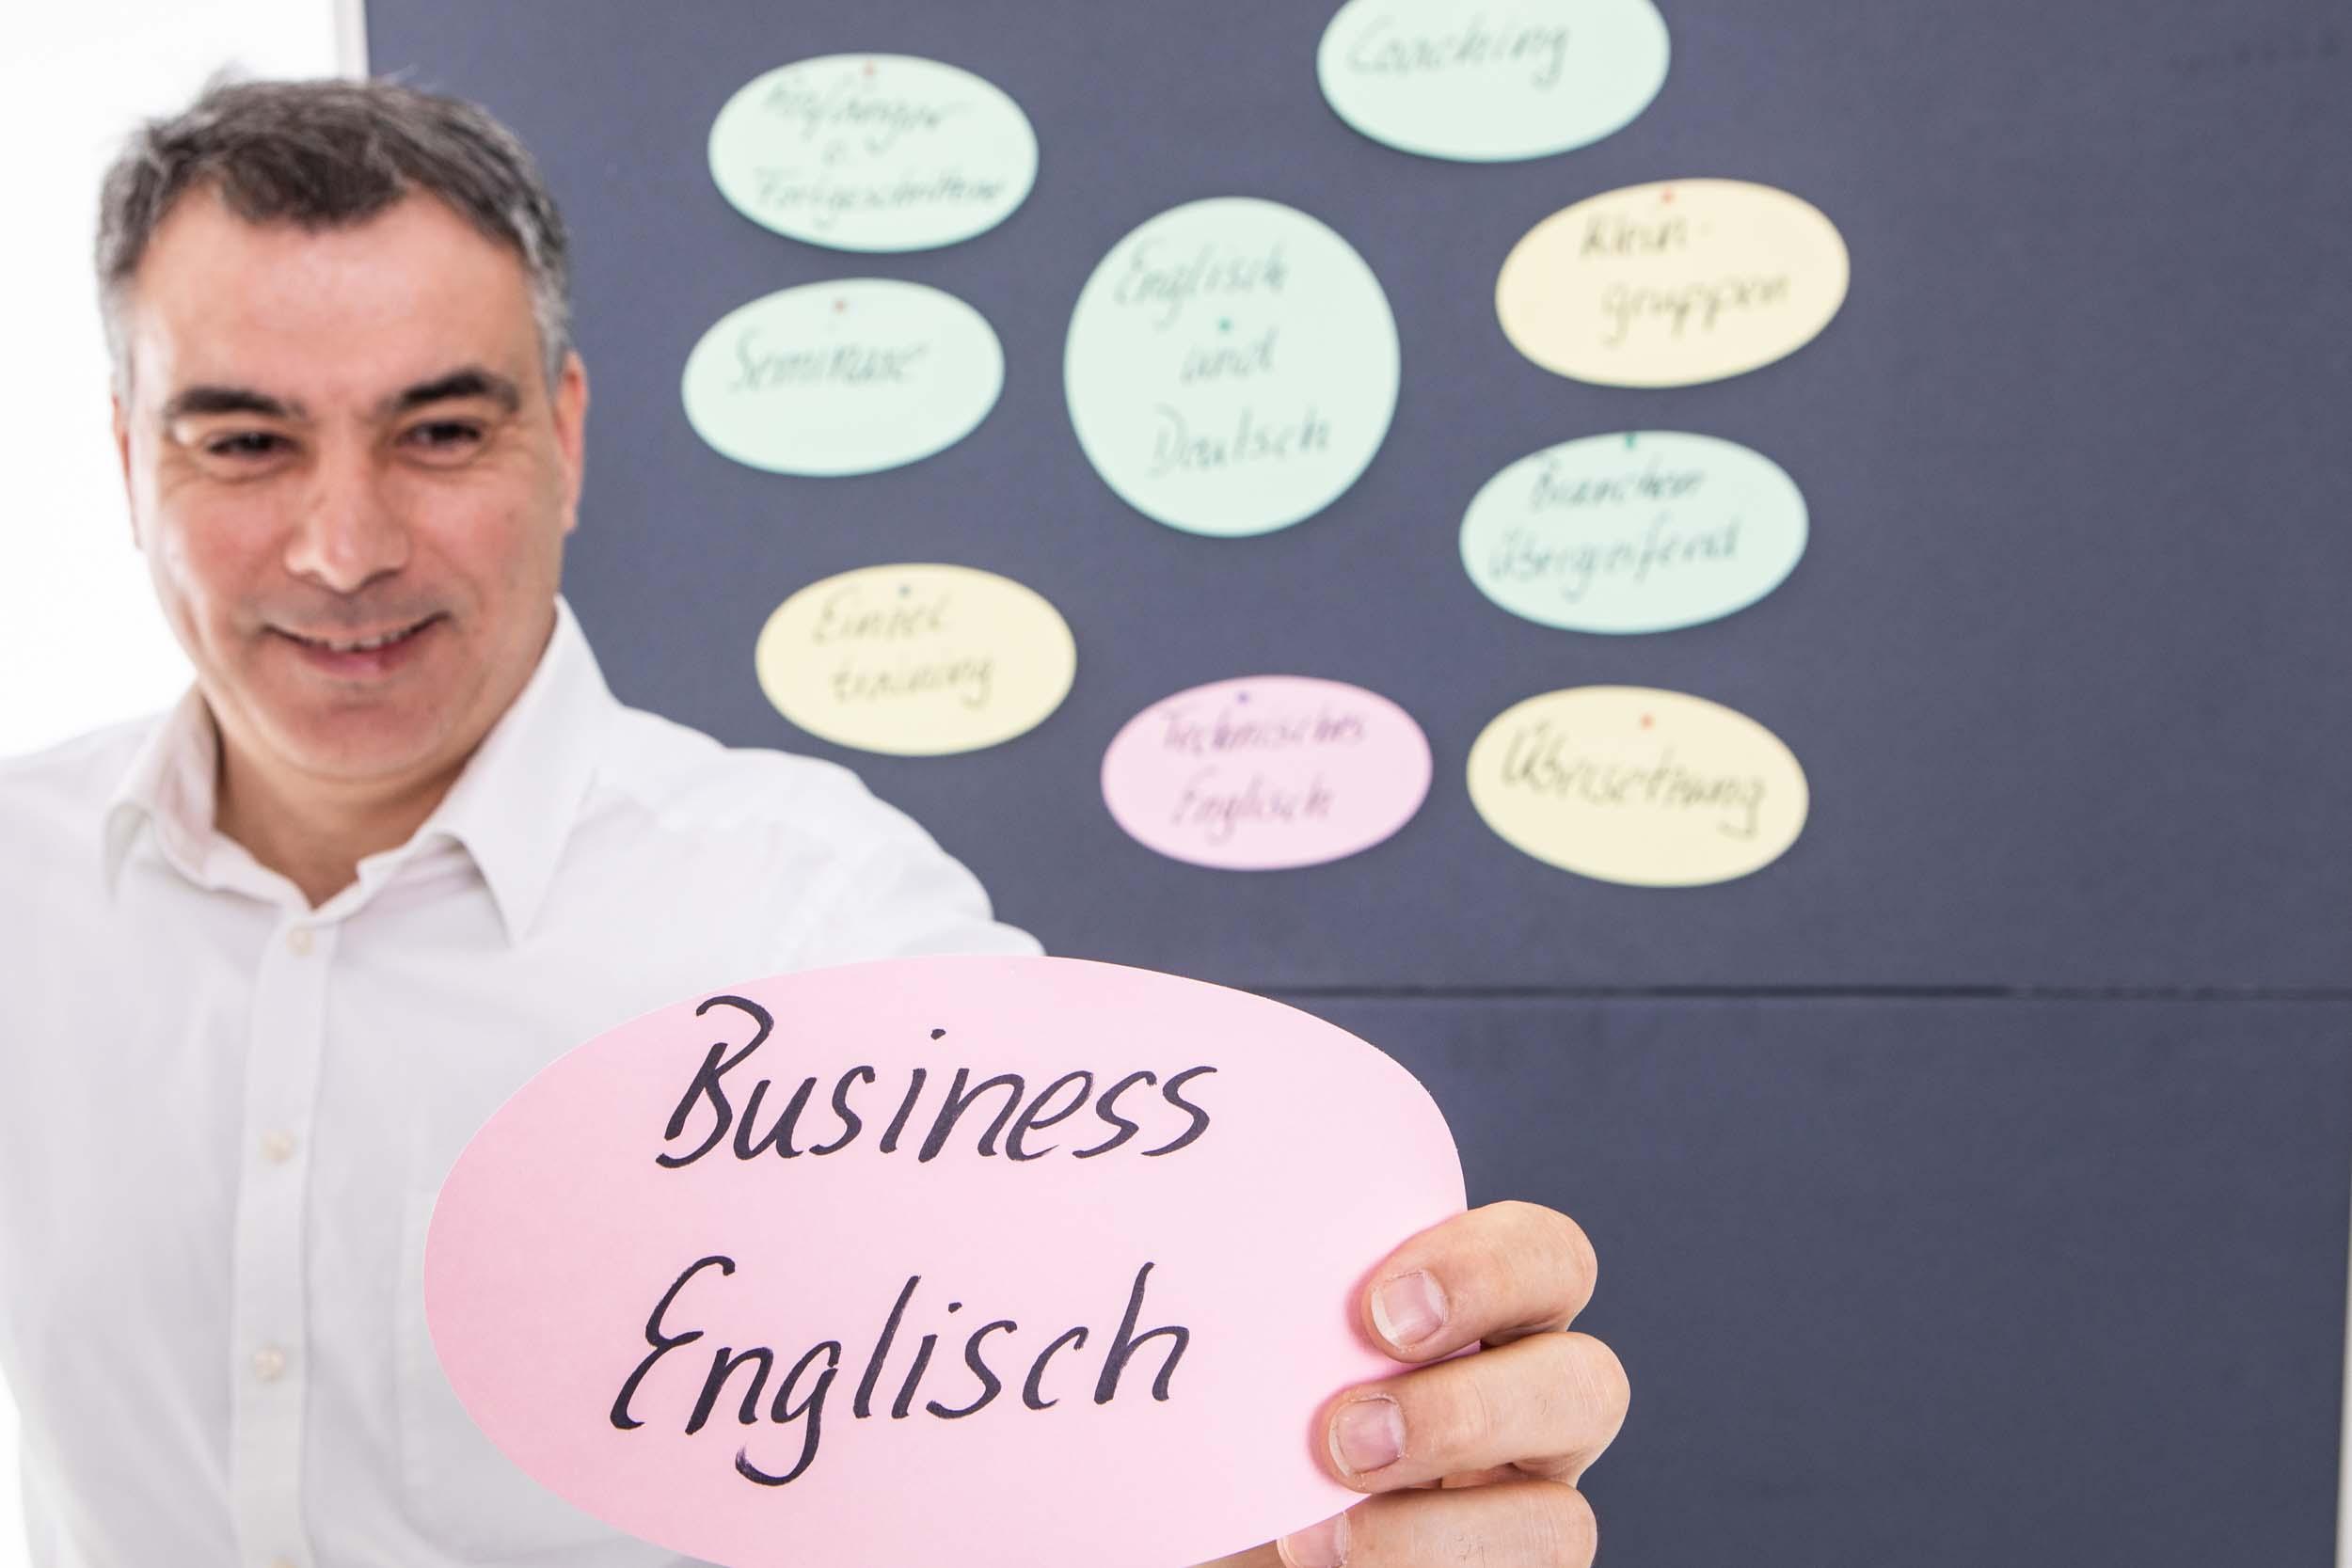 Pinnwand mit Karten für Business Englisch